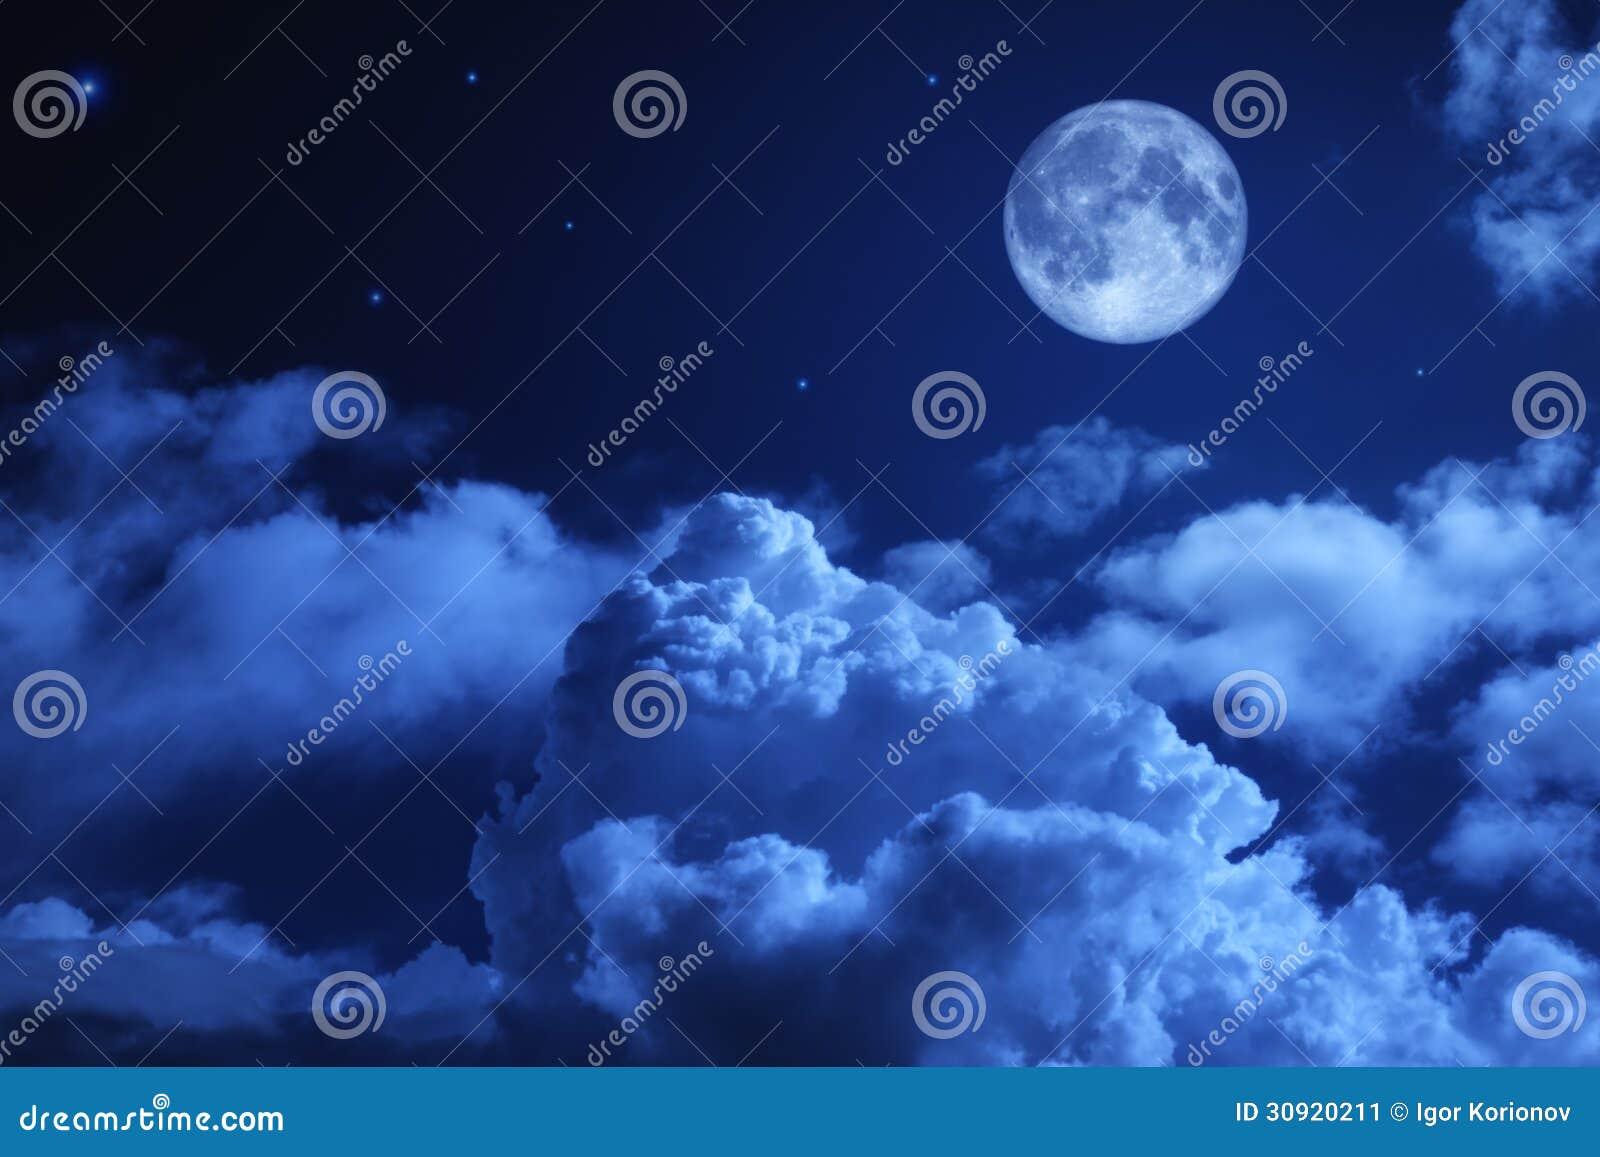 Τραγικός νυχτερινός ουρανός με μια πανσέληνο